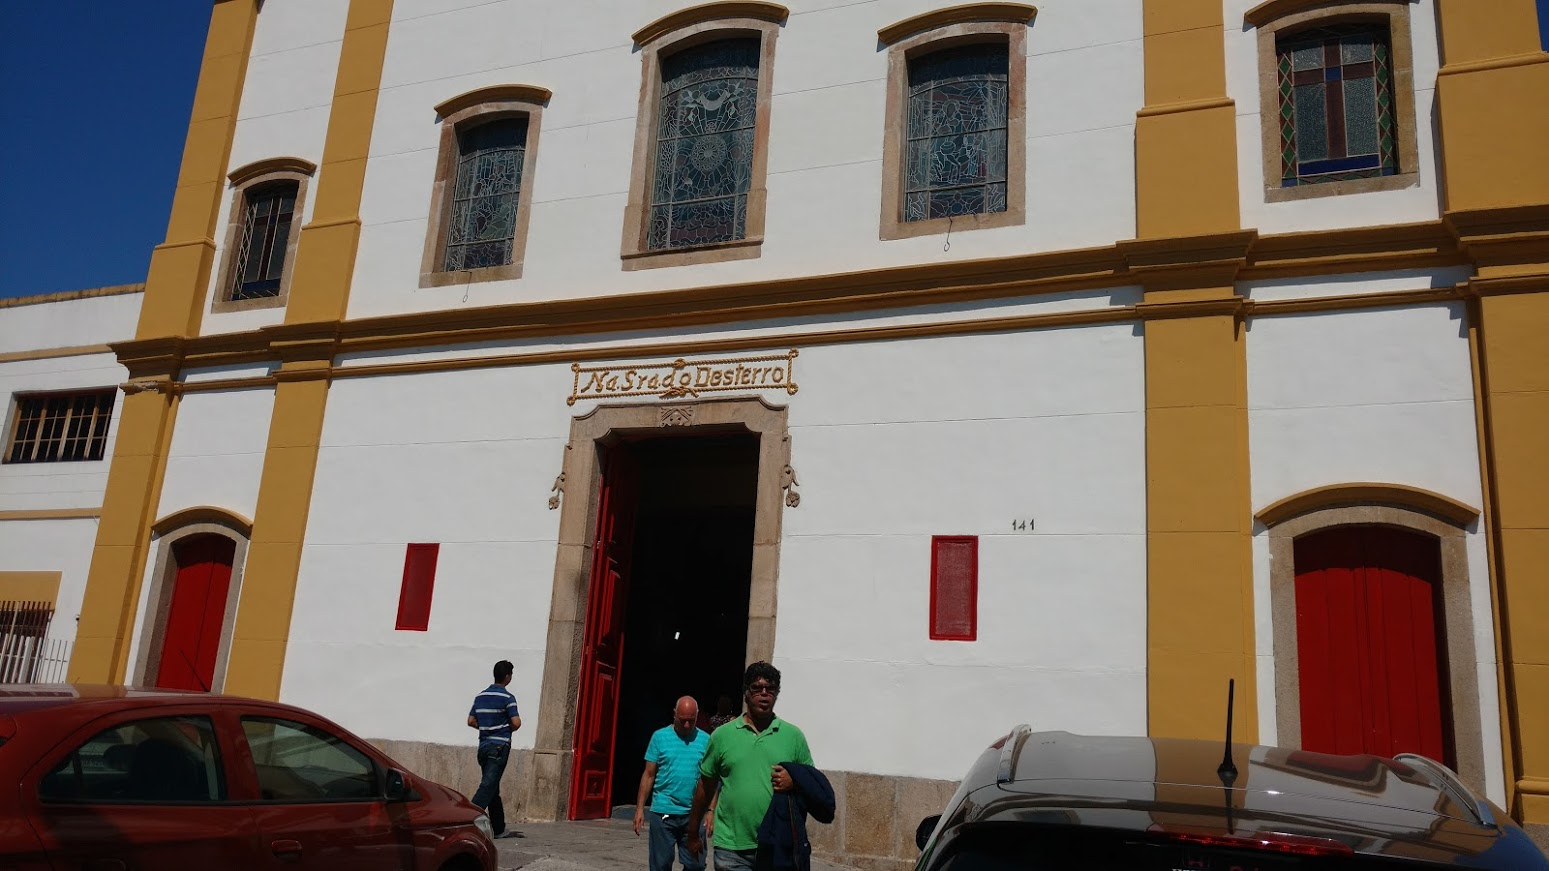 Fachada da Igreja construída há mais de 250 anos na Zona Oeste - Campo Grande. Aldori e Alexandre (ambos surdos) saindo da Igreja.